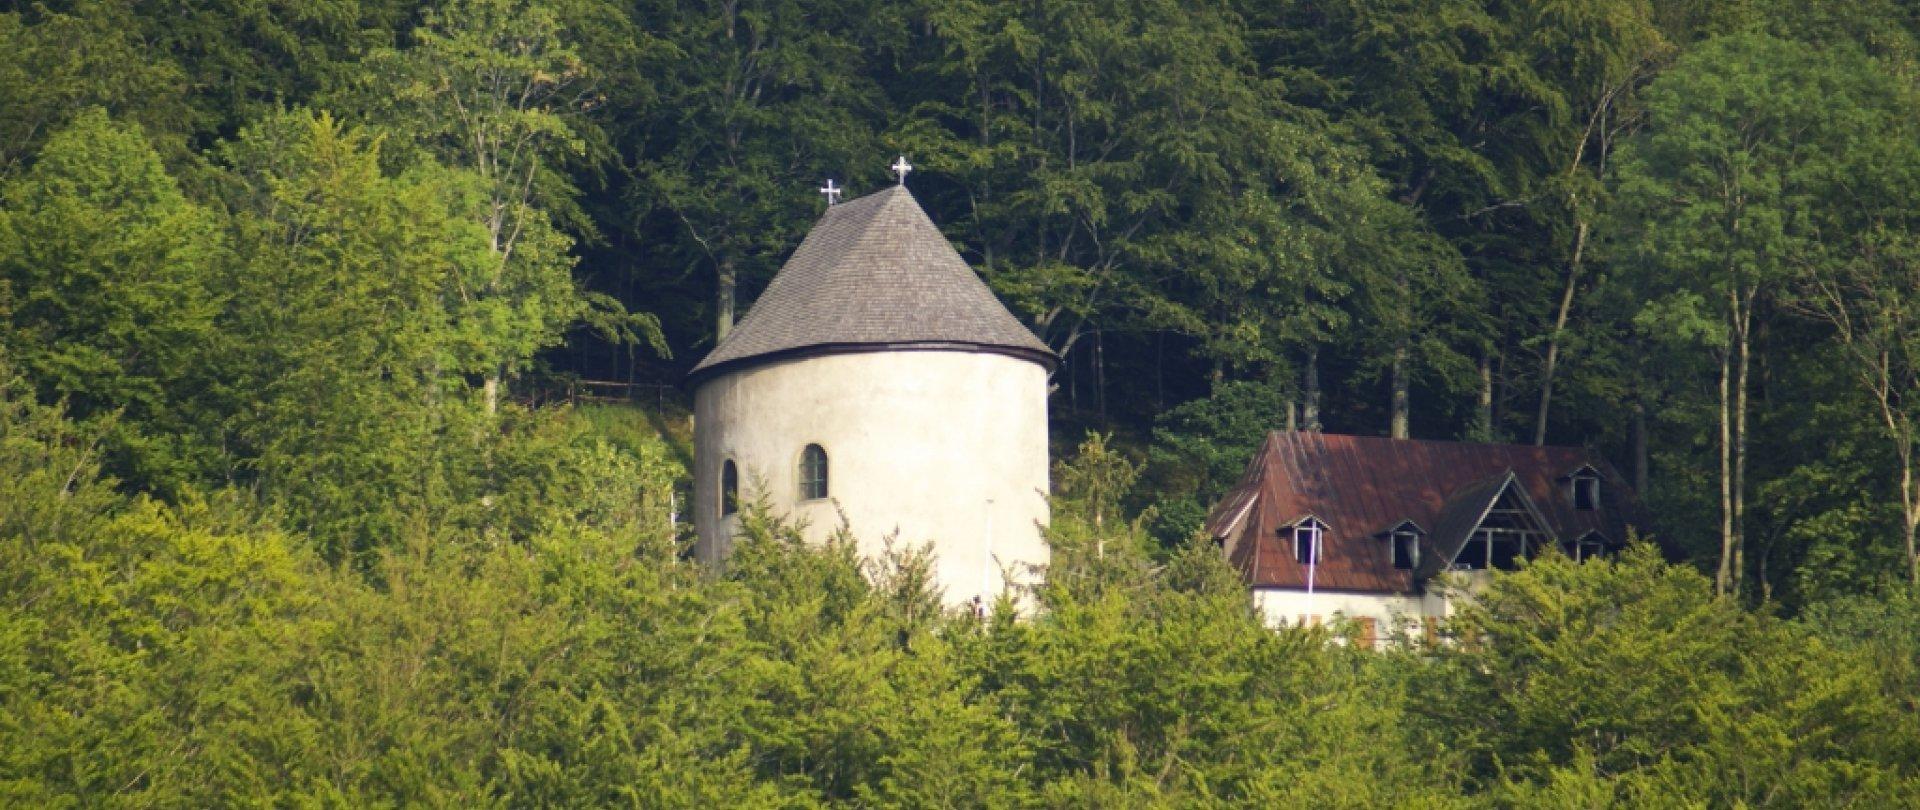 Annakapelle beim Guten Born (Dobre Źródło)